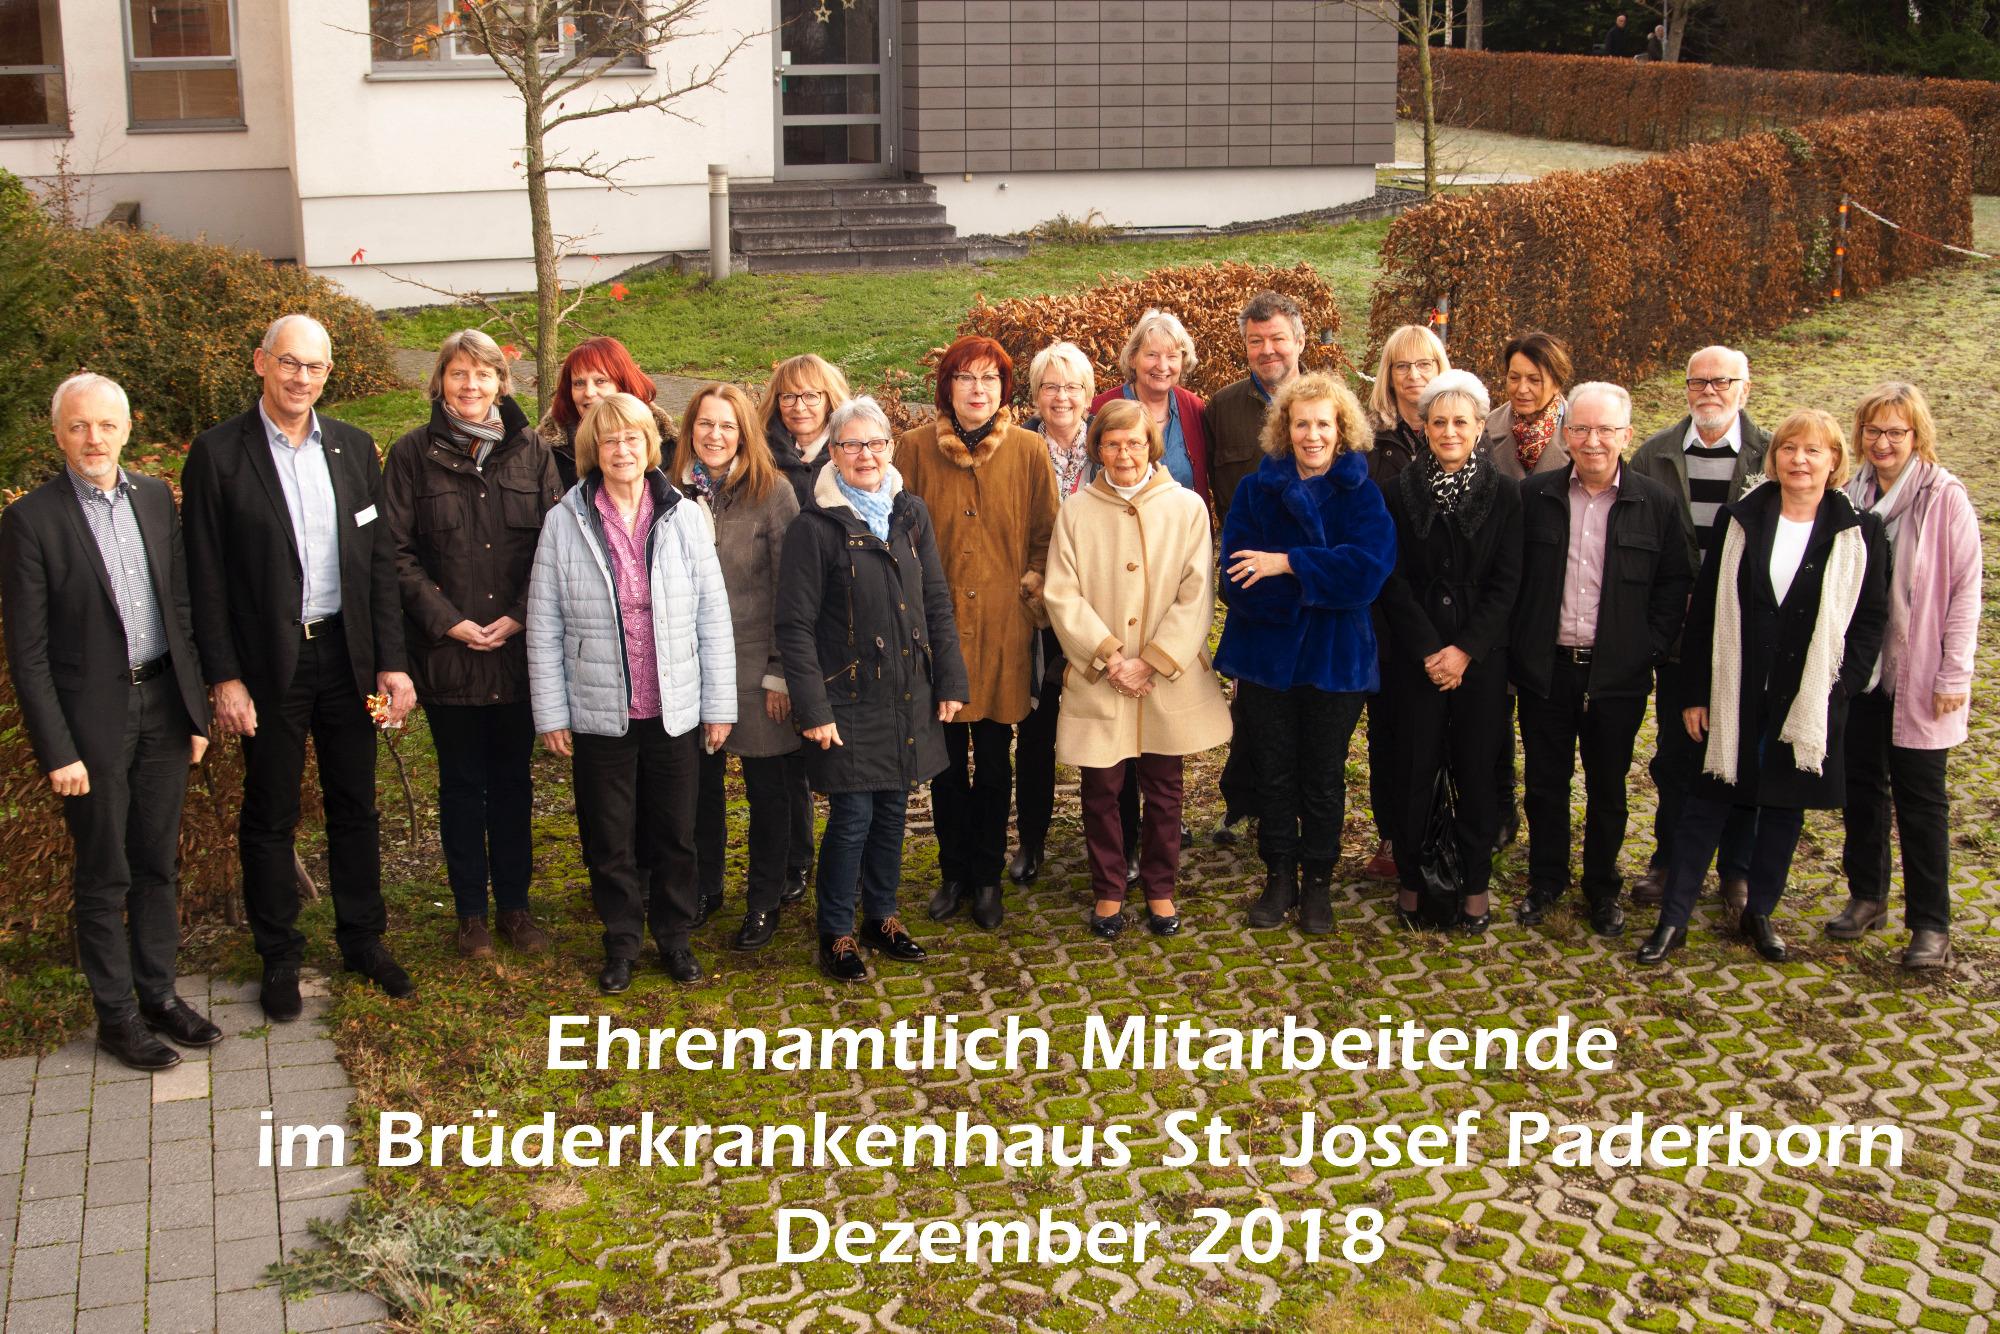 Ehrenamtliche Dienste Brüderkrankenhaus St Josef Paderborn